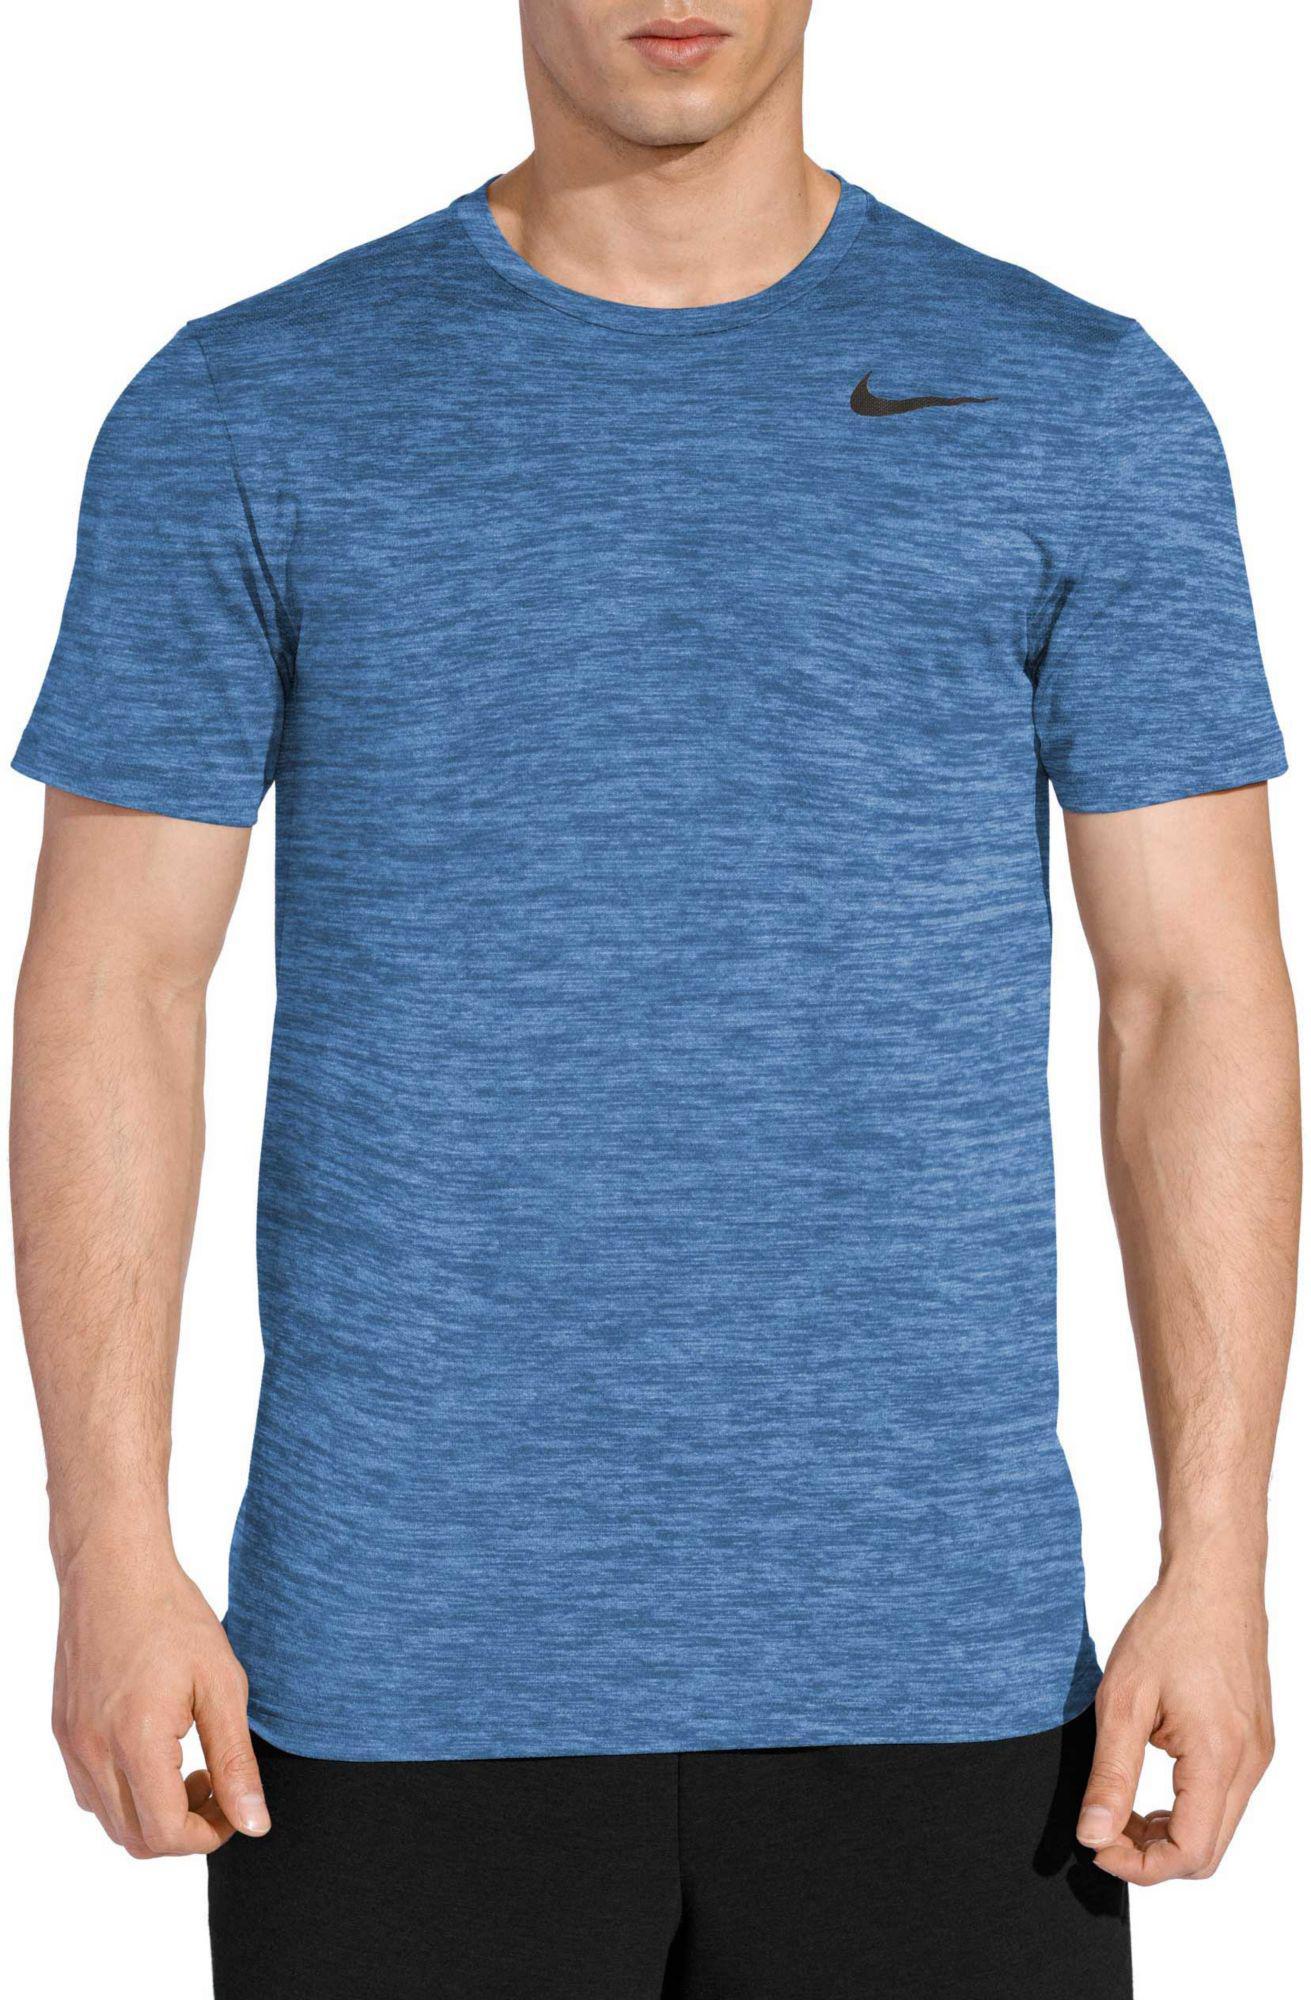 64ffbdf13 Nike Dri-fit Utility Static Training Tee in Blue for Men - Lyst